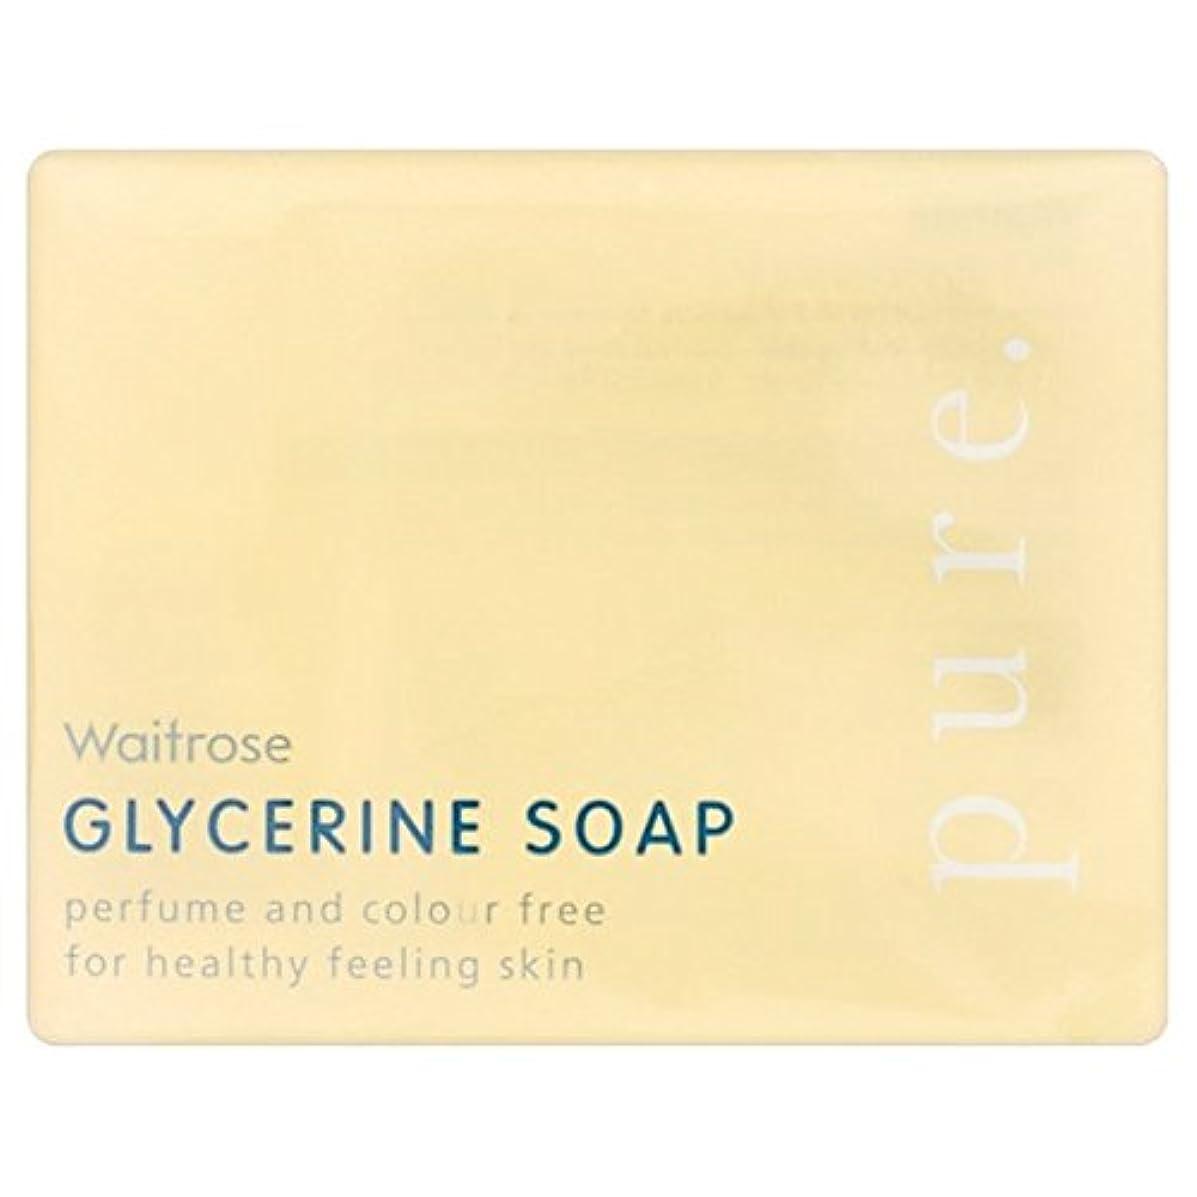 競合他社選手夜間限界Pure Glycerine Soap Waitrose 100g (Pack of 6) - 純粋なグリセリンソープウェイトローズの100グラム x6 [並行輸入品]